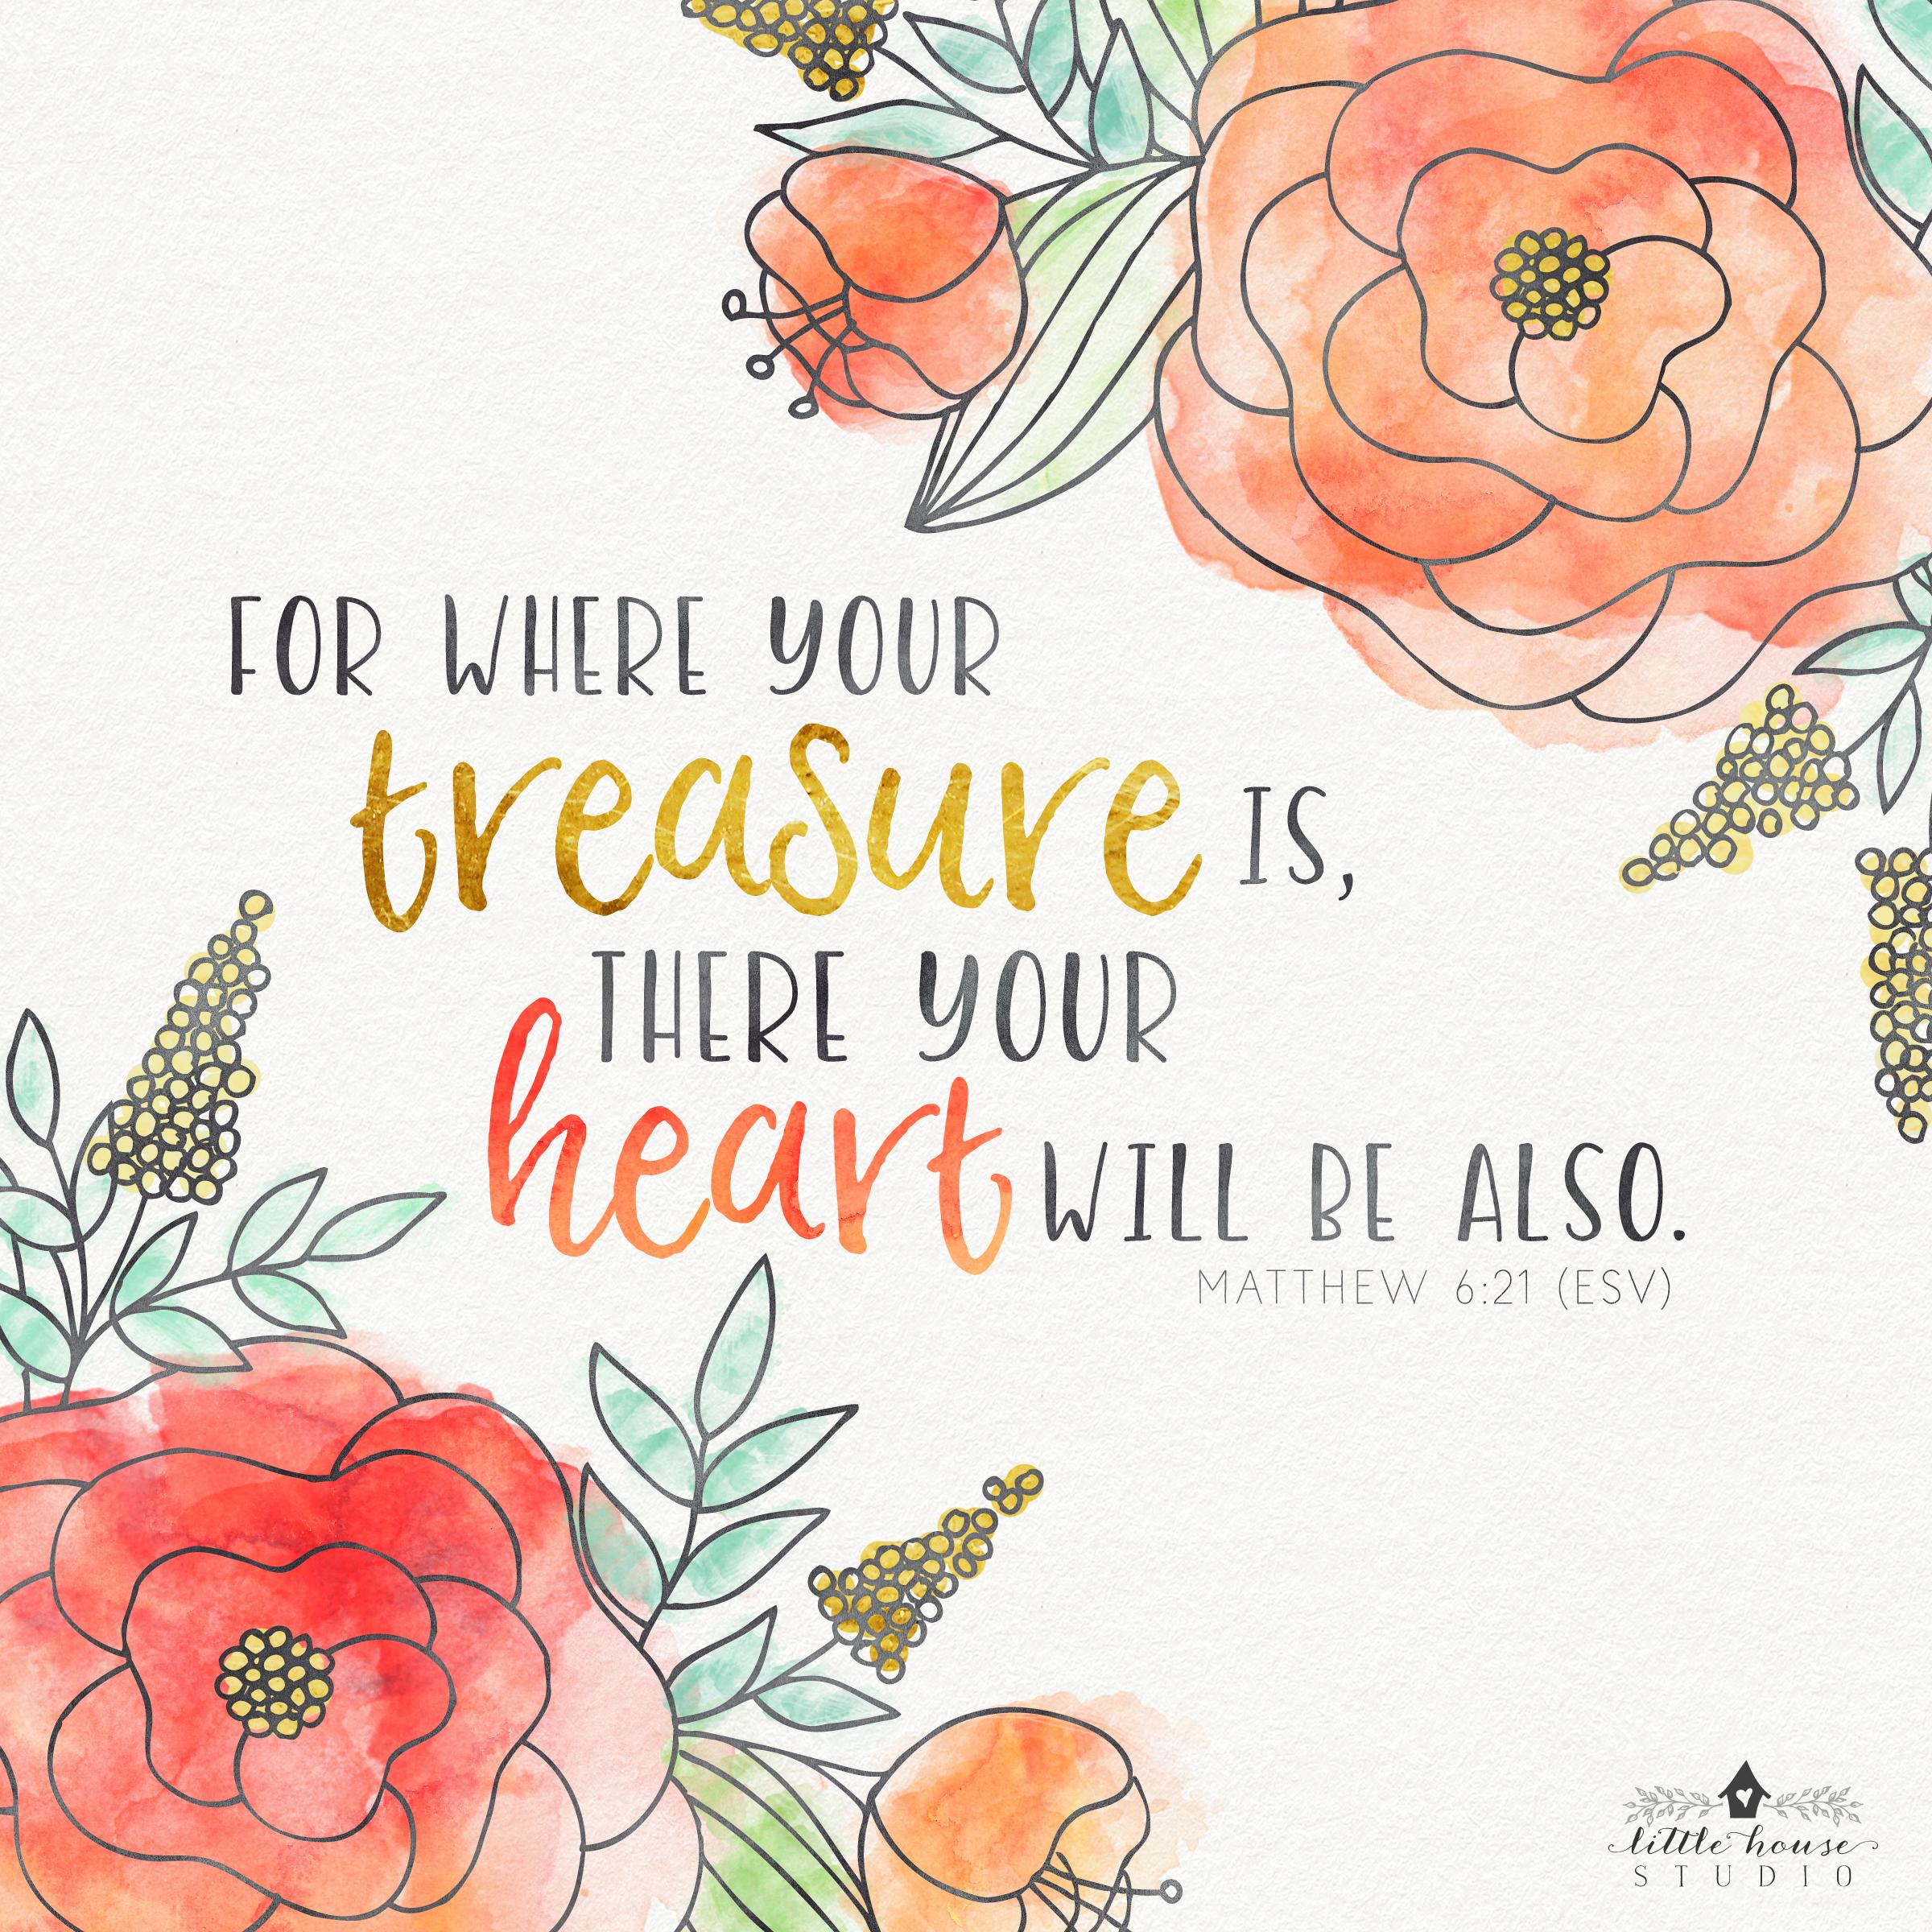 Matthew 6:21 || Little House Studio